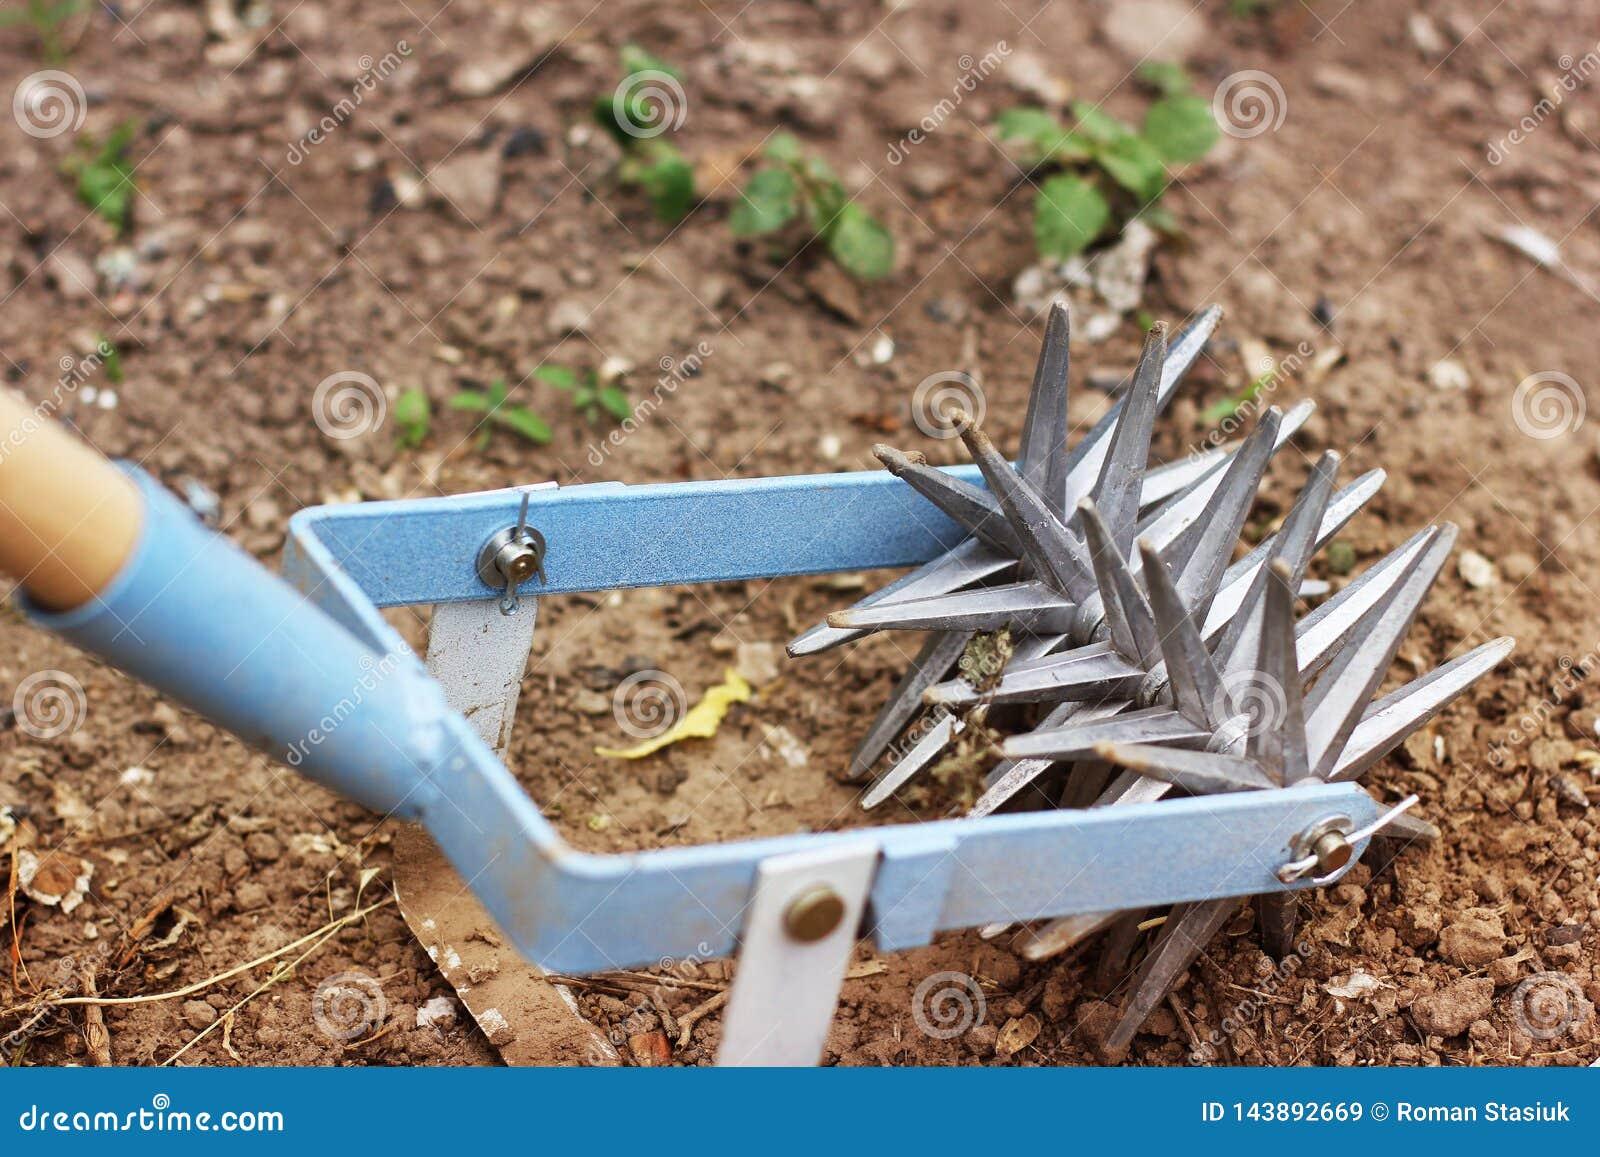 Star il coltivatore della mano per lavorare il suolo, diserbi il giardino